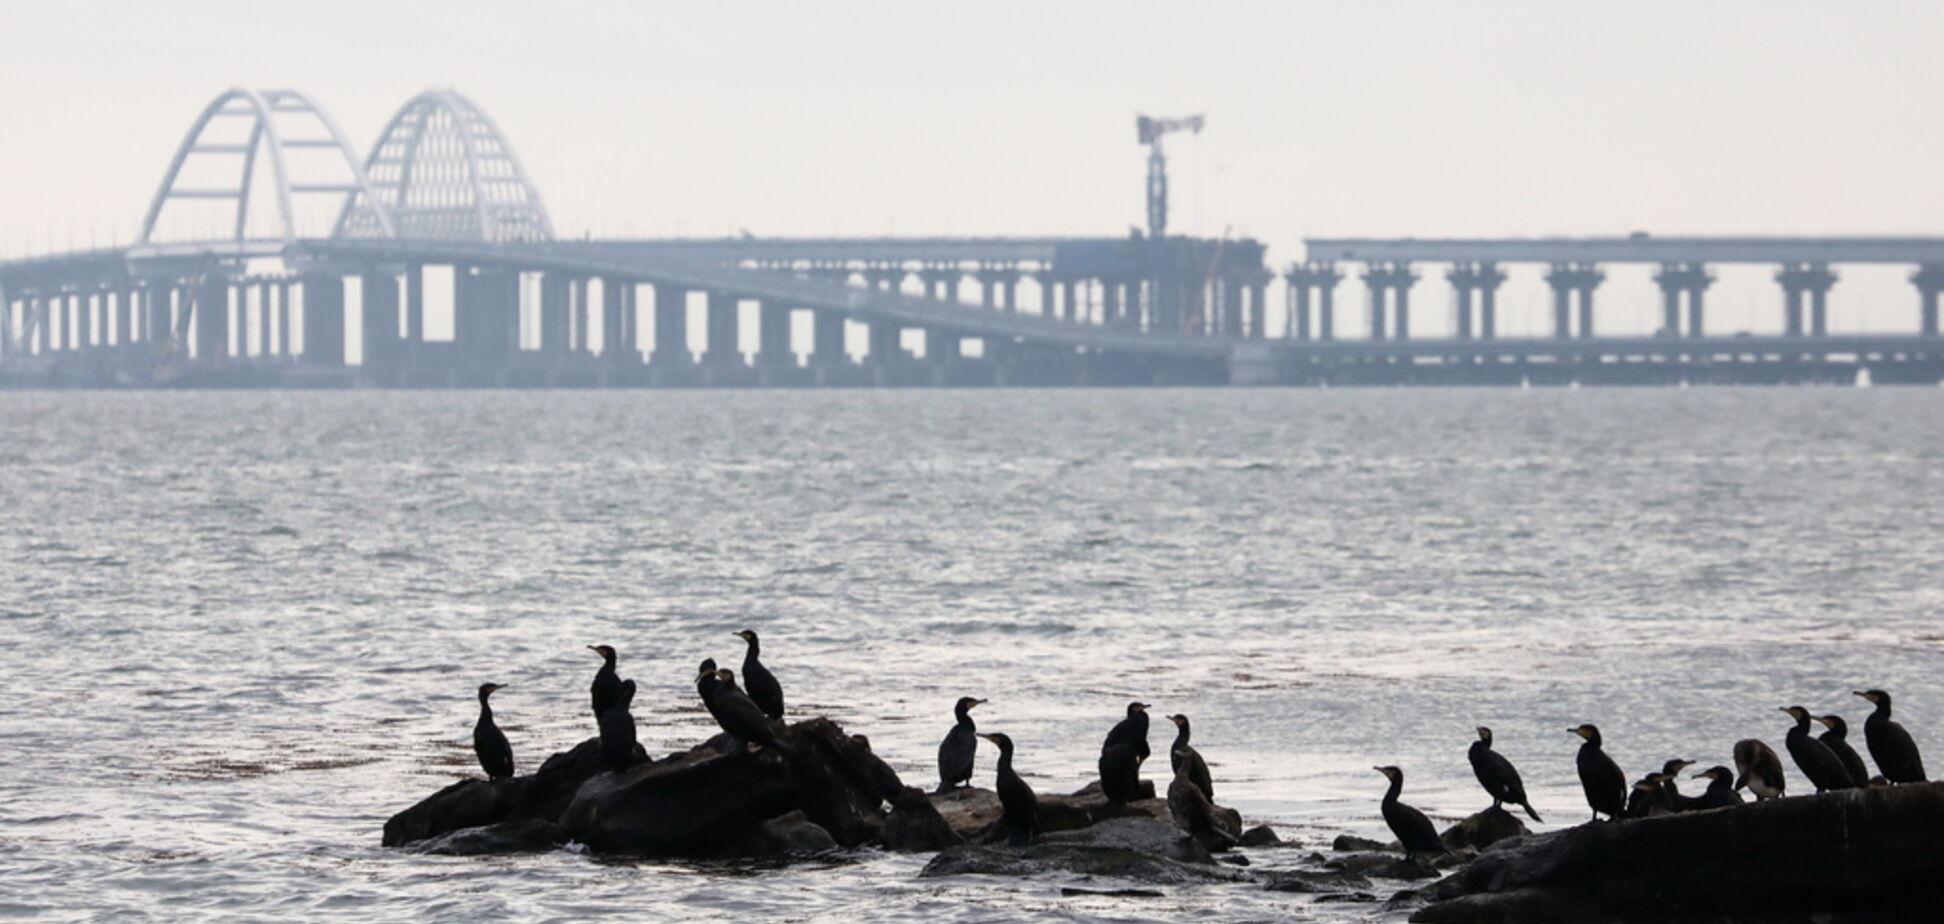 Смертельный удар по РПЦ и Керченский мост: токсичный 2018 год